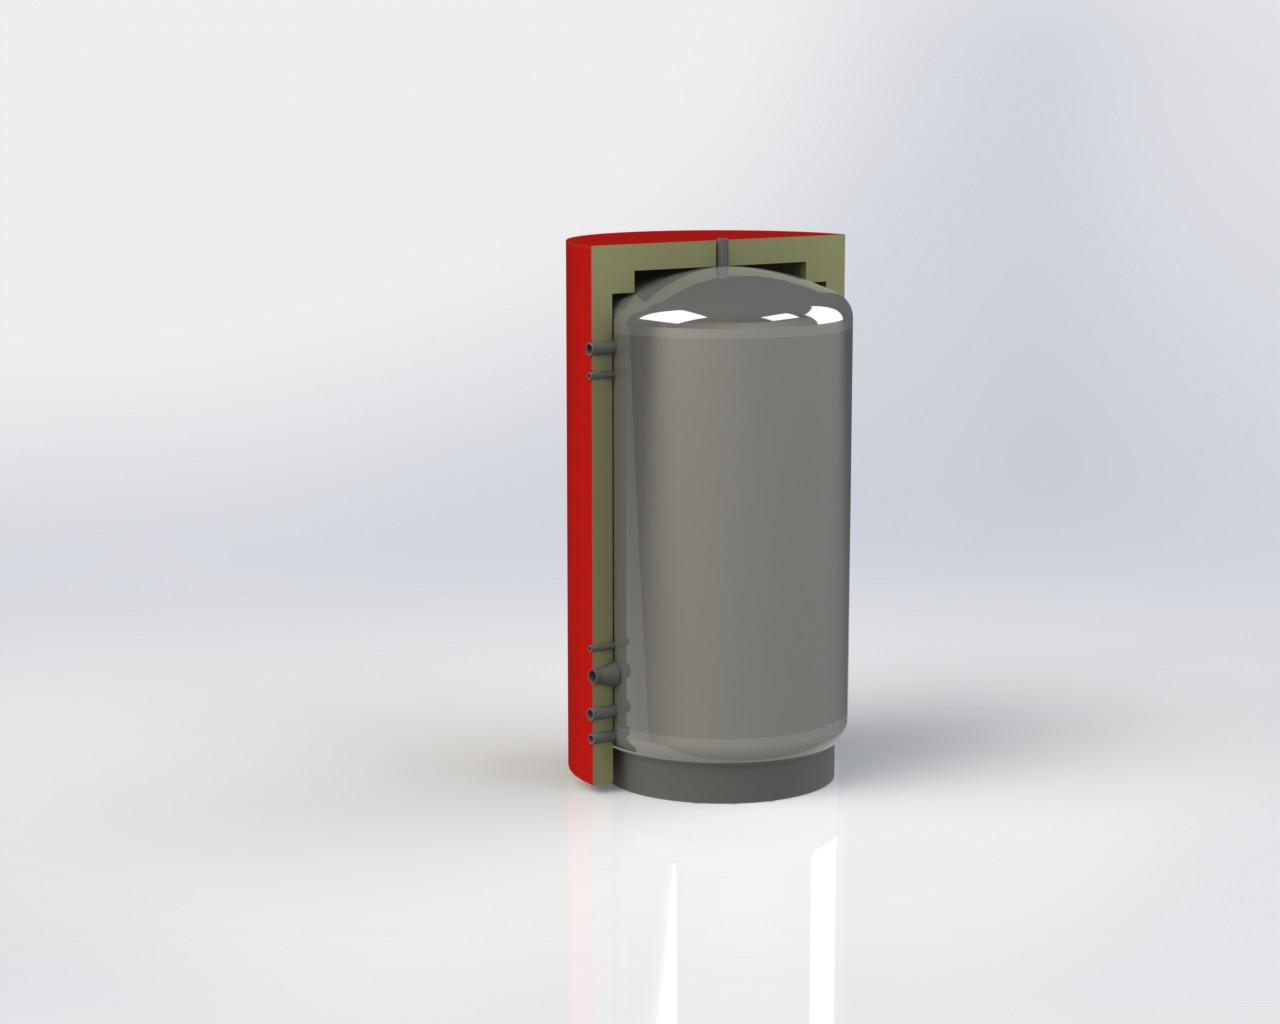 Теплоаккумулятор для котла ЕАМ-00-350 с изоляцией 60 мм Куйдич